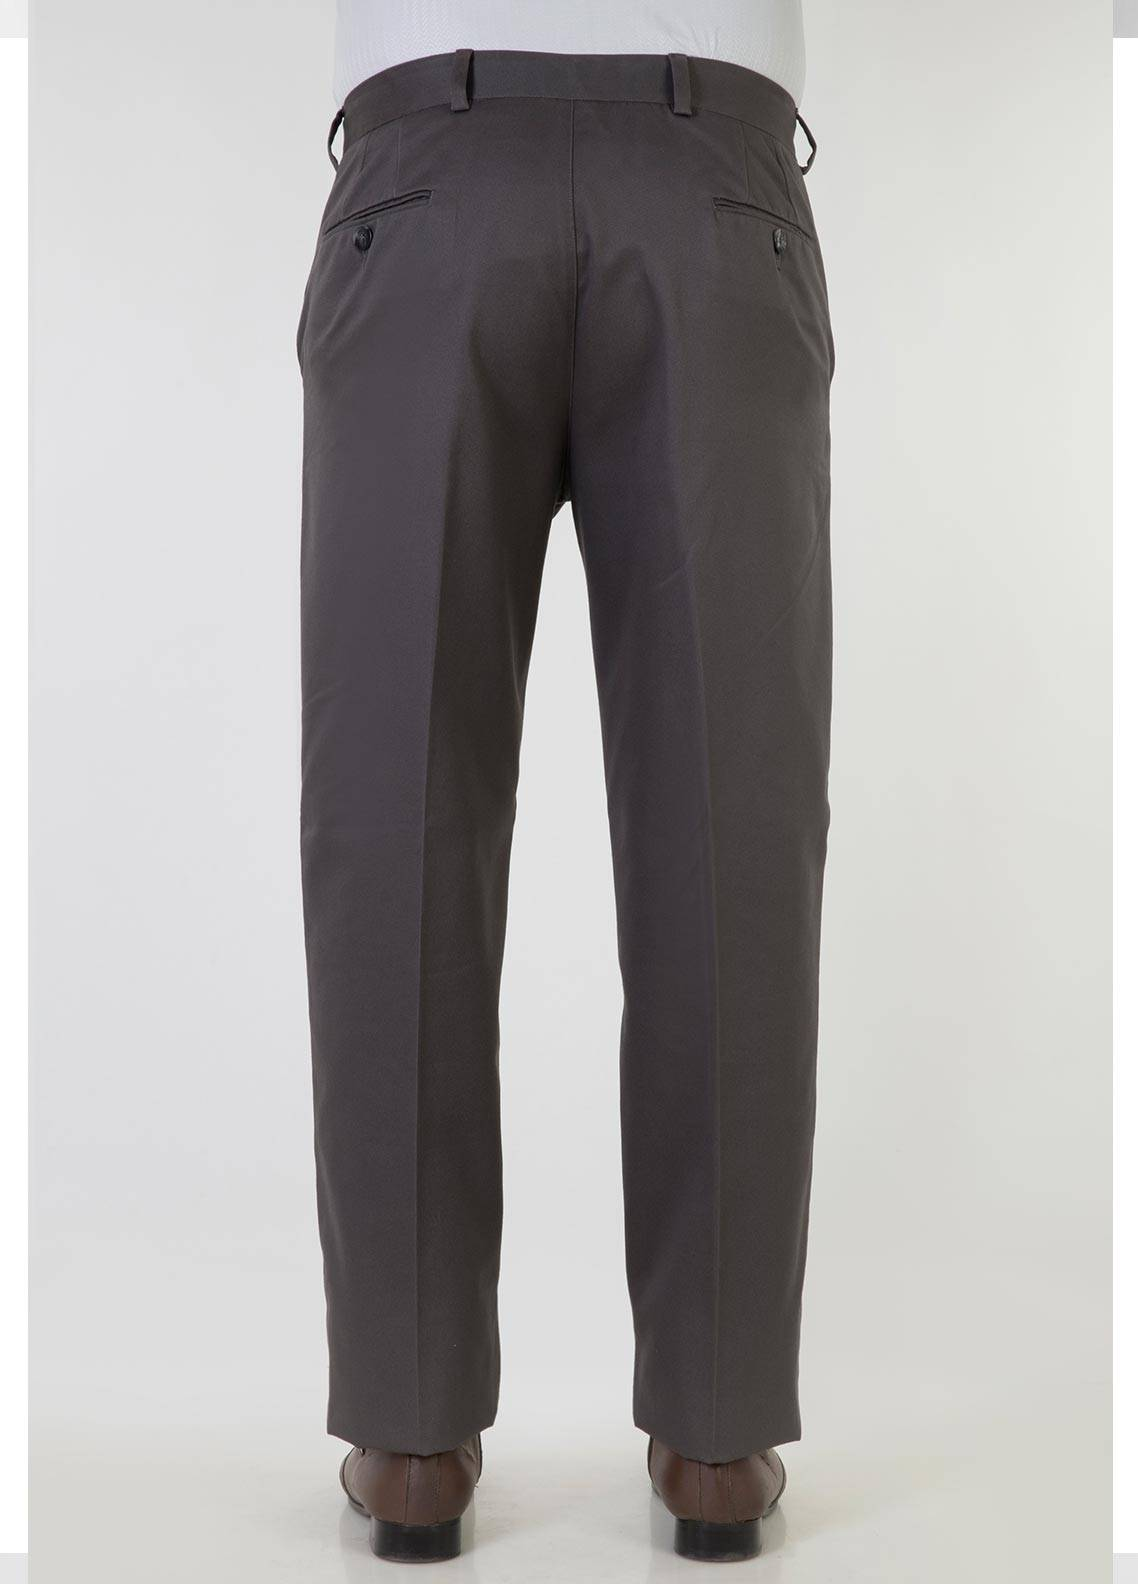 Bien Habille Cotton No-Iron Trouser for Men -  Comfort Fit Classic Grey